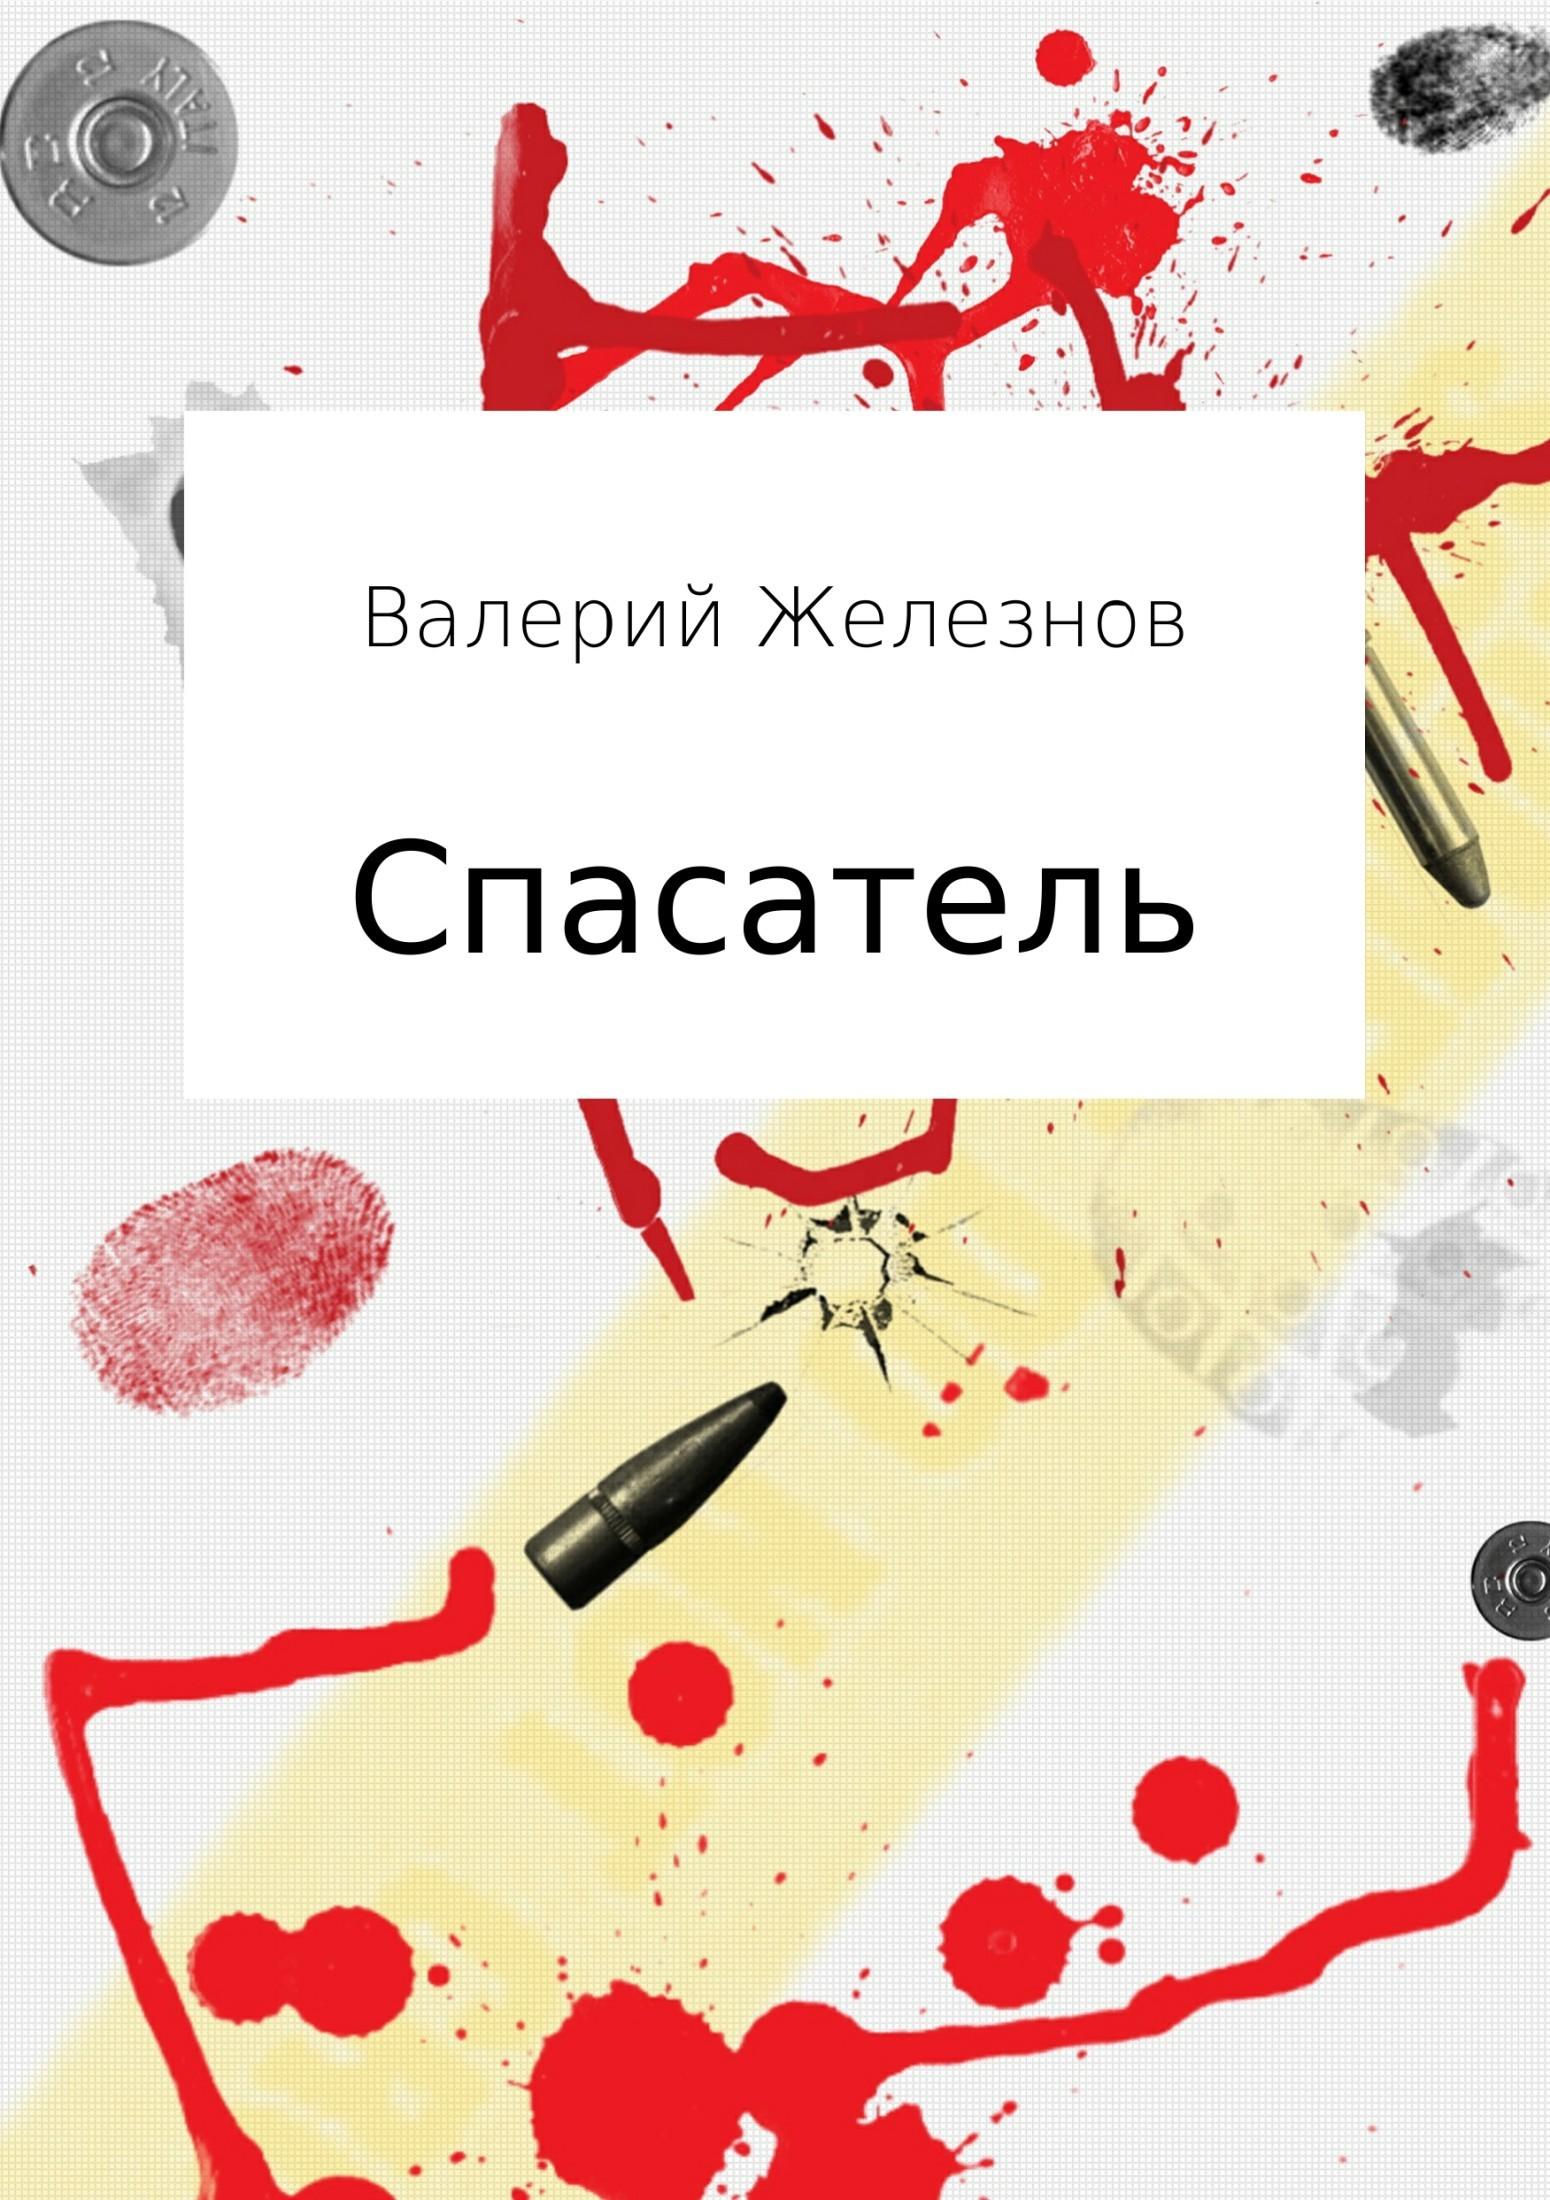 Валерий Юрьевич Железнов Спасатель постников валентин юрьевич карандаш и самоделкин